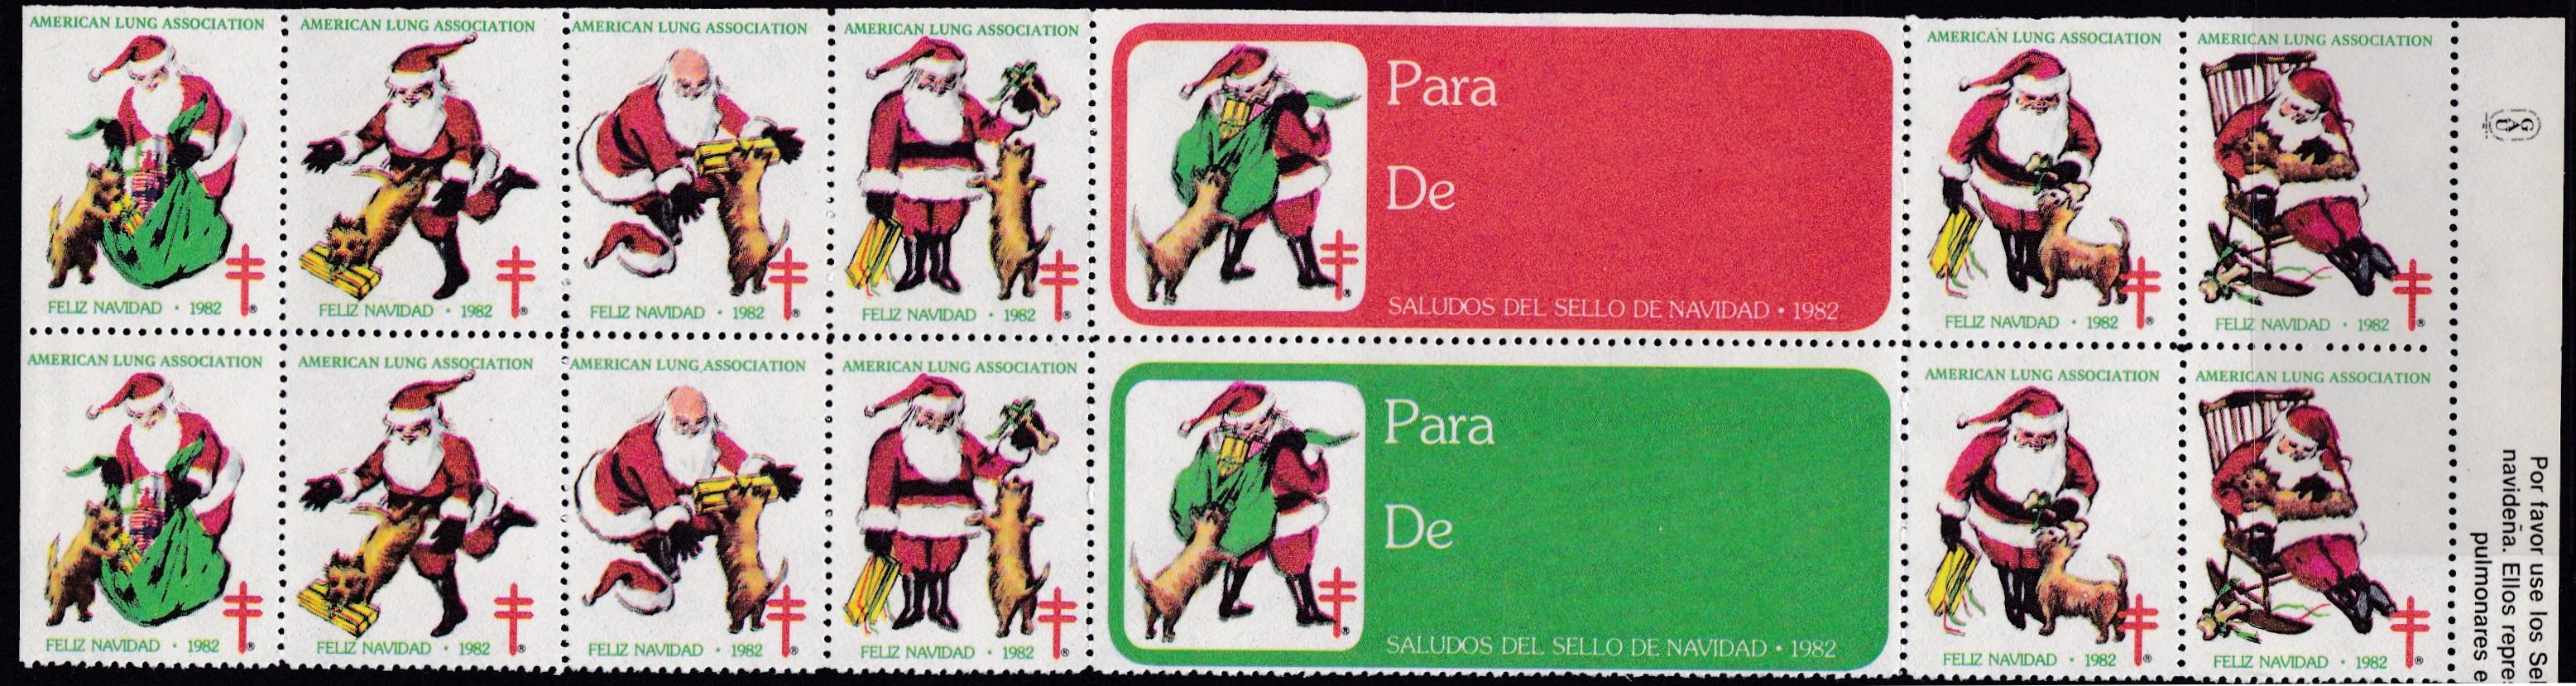 1982 Spanish Text Christmas Seal